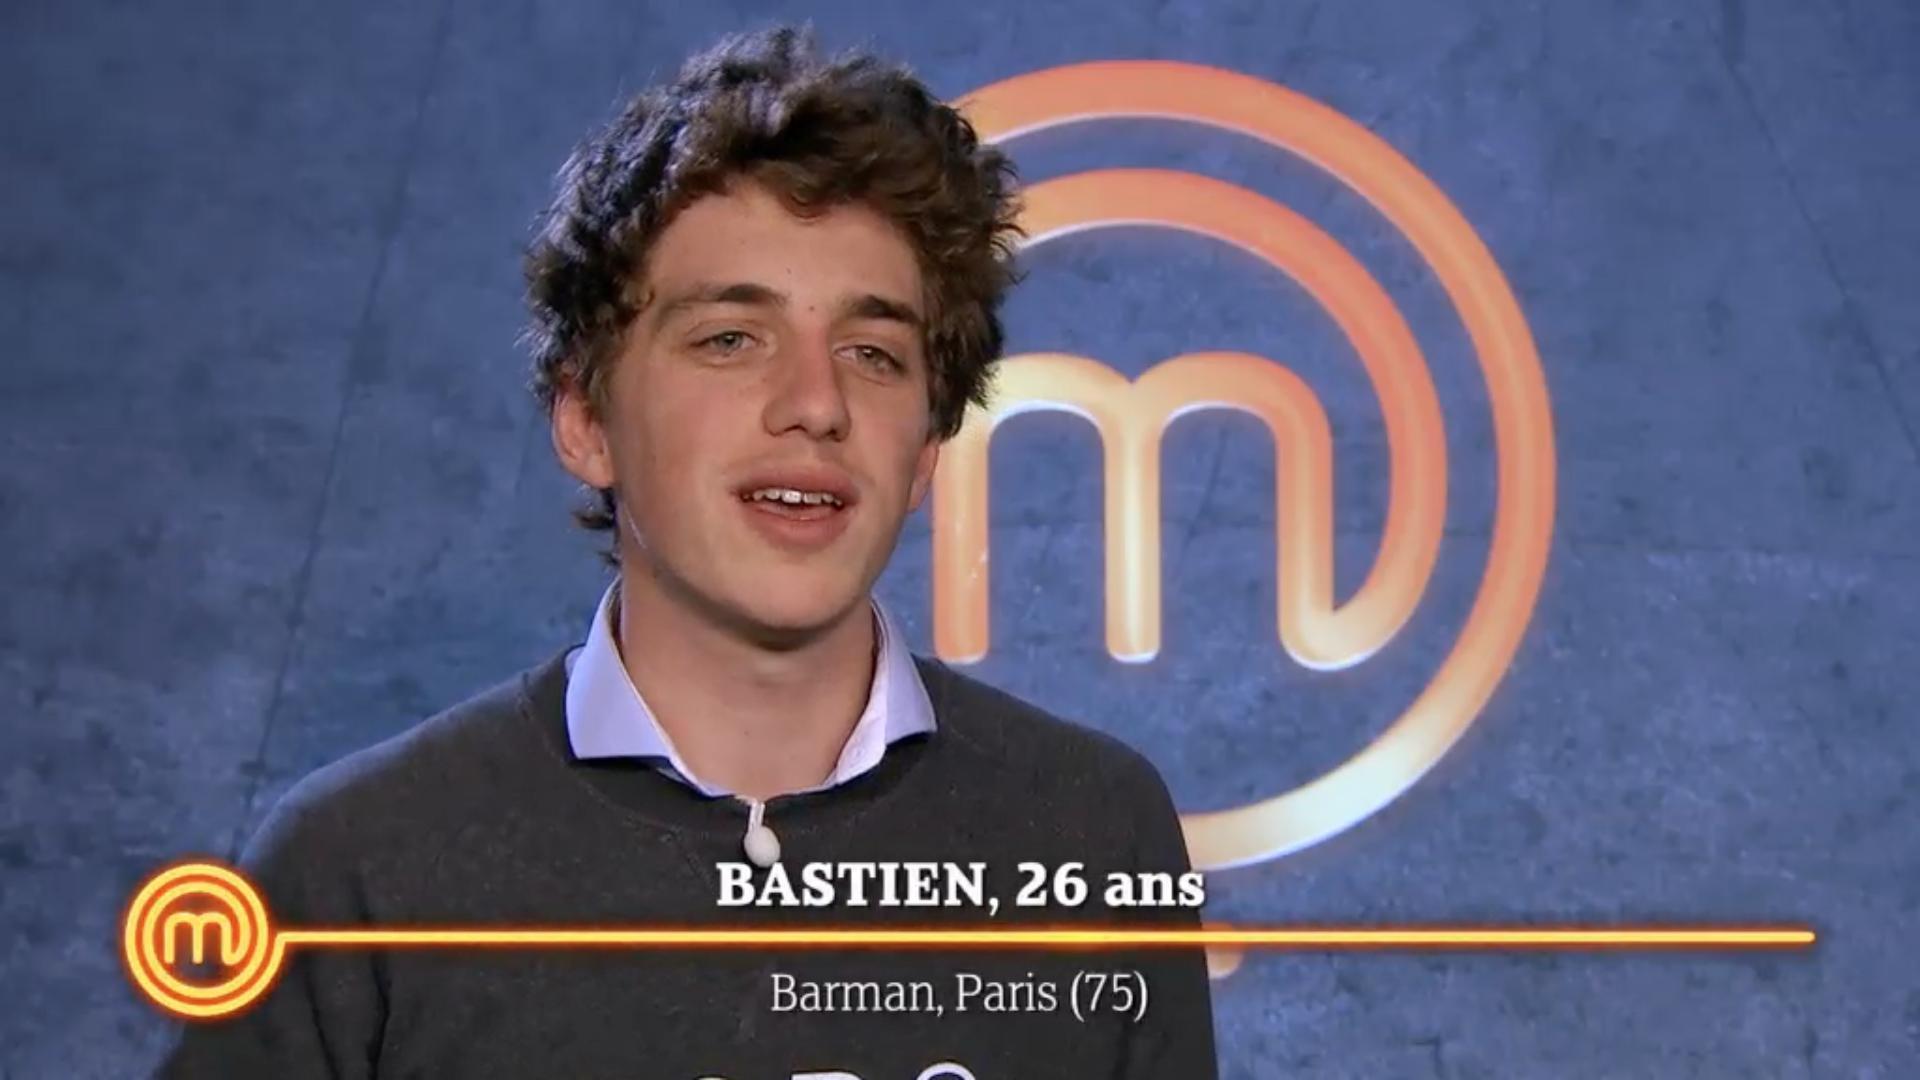 Le portrait de Bastien, un candidat plein de surprises !